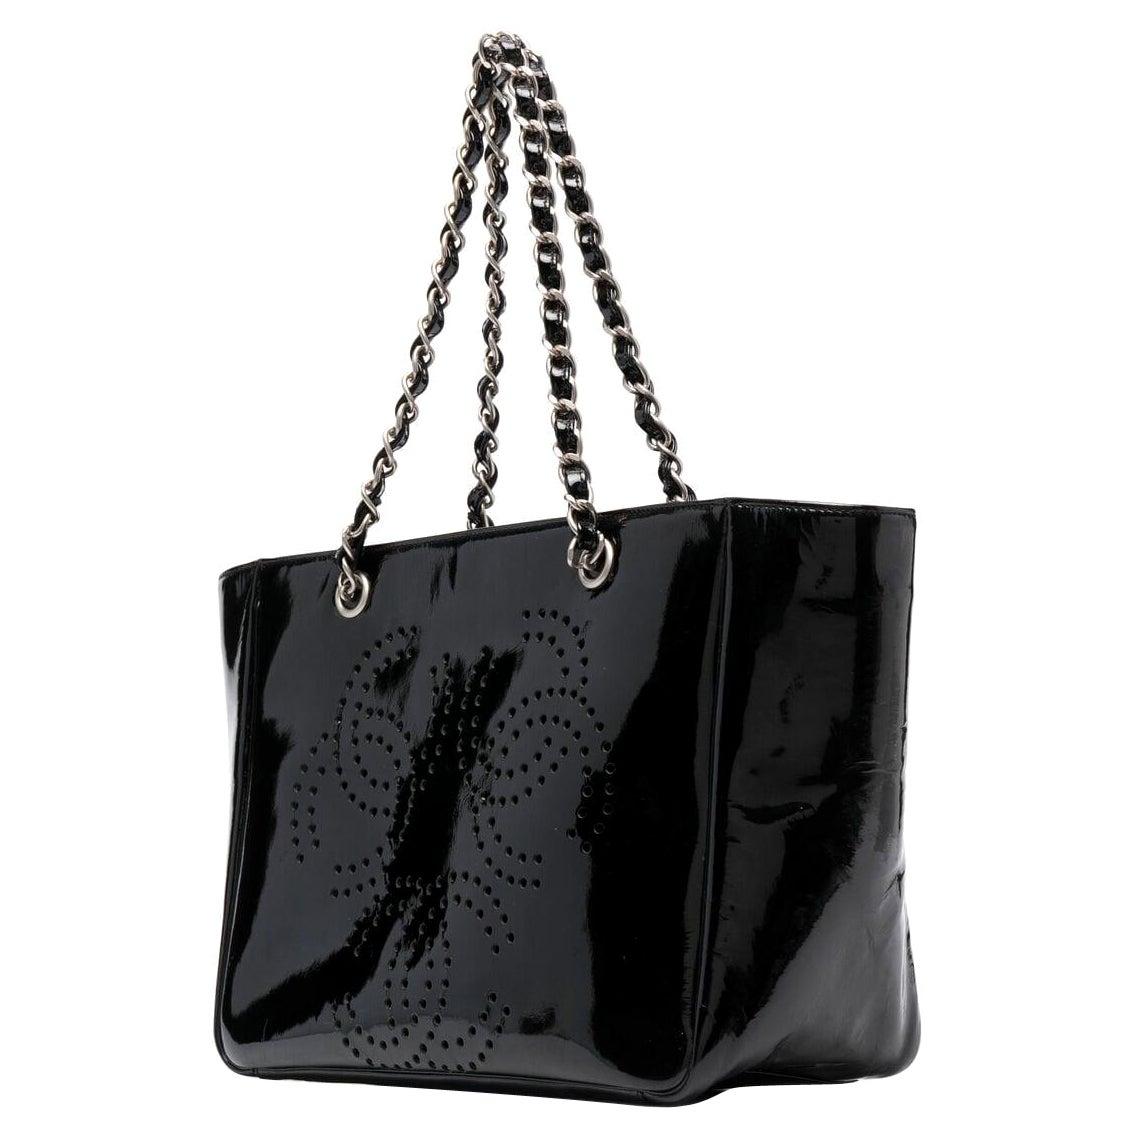 2000 Chanel Black Patent Leather Shoulder Tote Bag